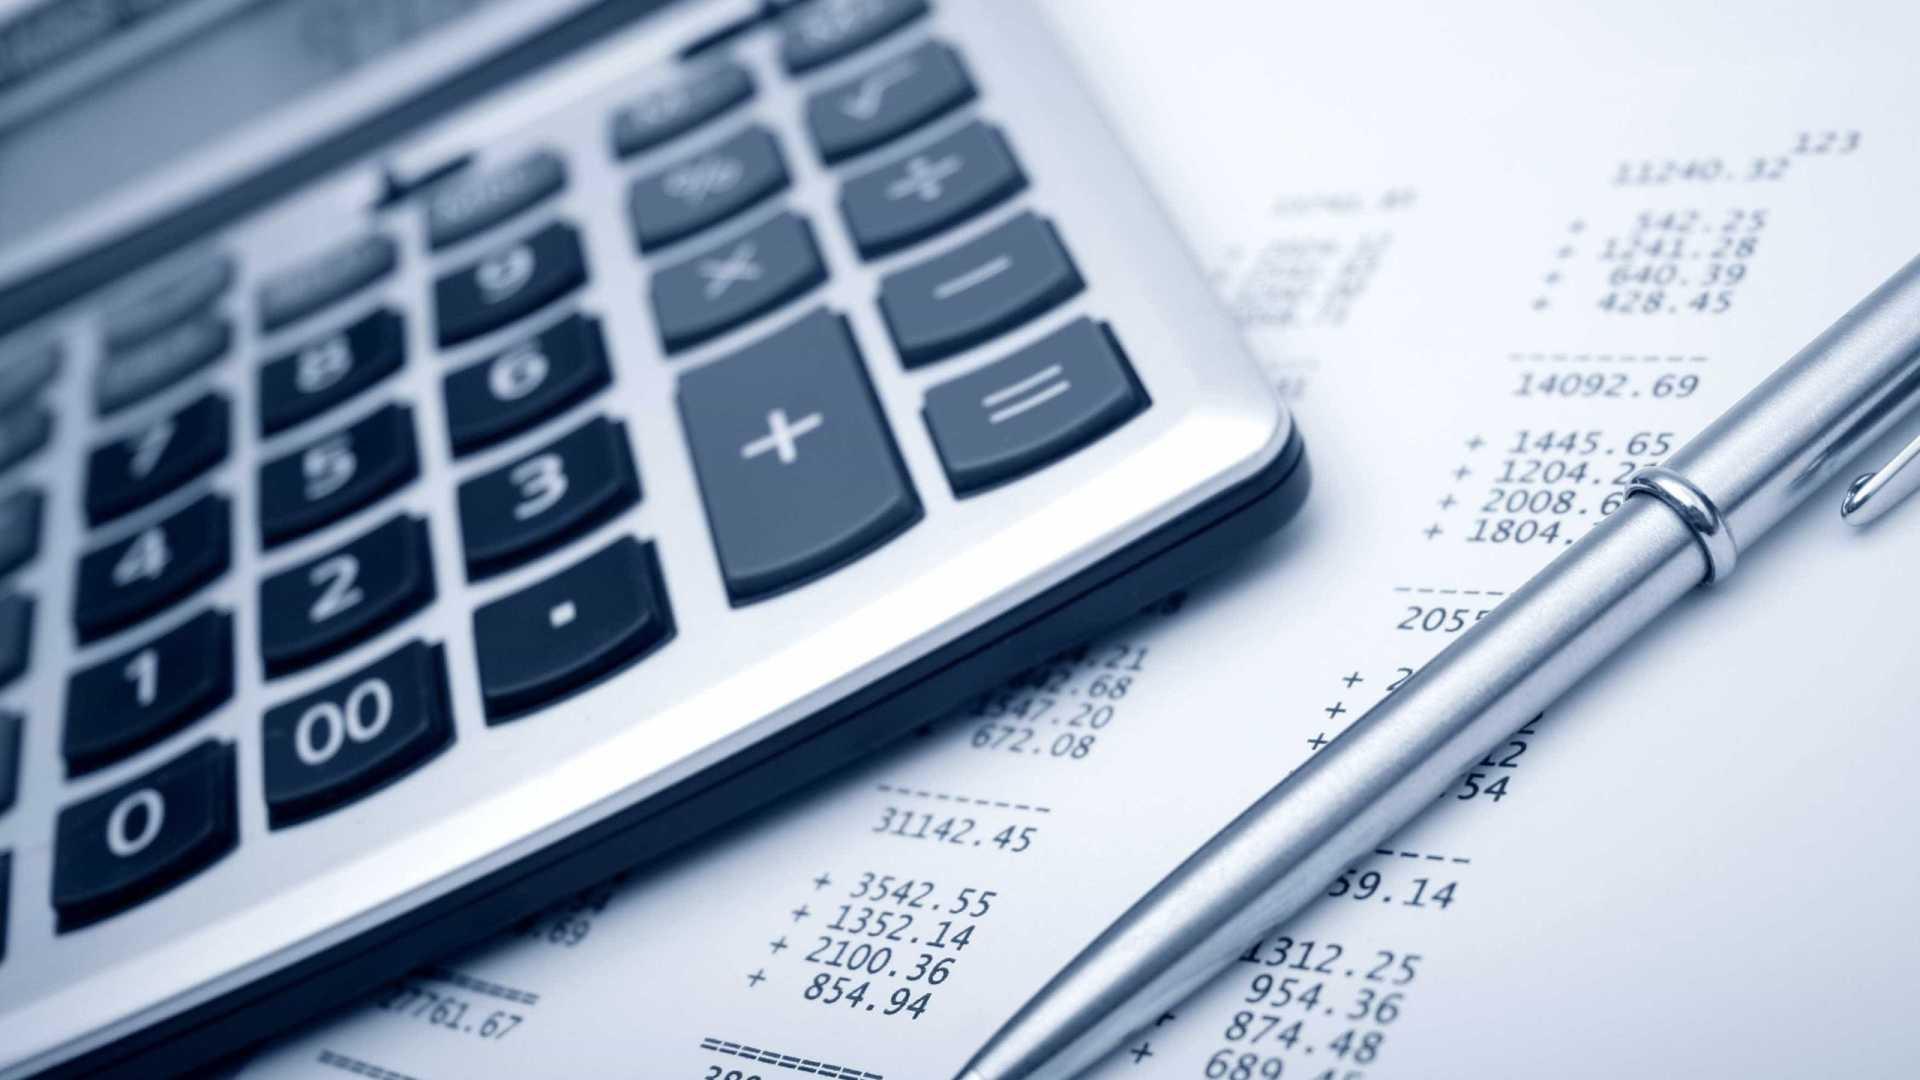 IRS errado: sabia que pode receber uma multa?